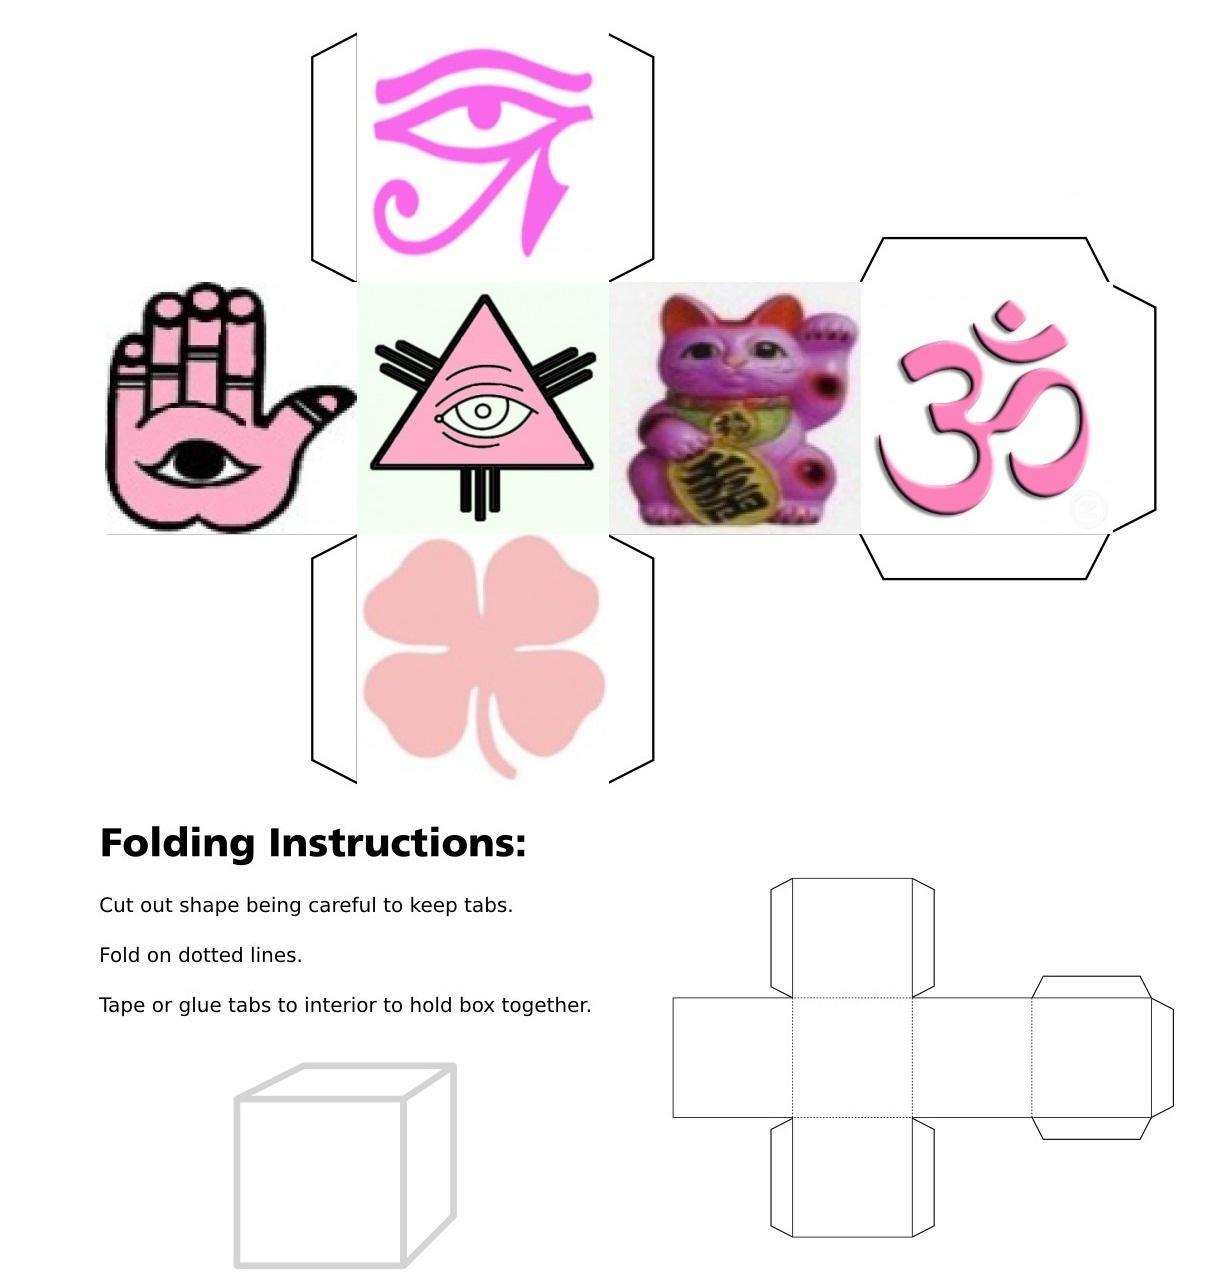 Cube, 3D Cube, Pink Maneki Neko, Pink Eye of Fatima, Pink Eye of Horus, Pink Eye of Providence, Pink Four Leaf Clover, Pink Horseshoe, Pink Maneki Neko, Pink Buddha, Pink Chinese Calligraphy, Pink Lotus Flower, Pink Om, Pink Ying Yang